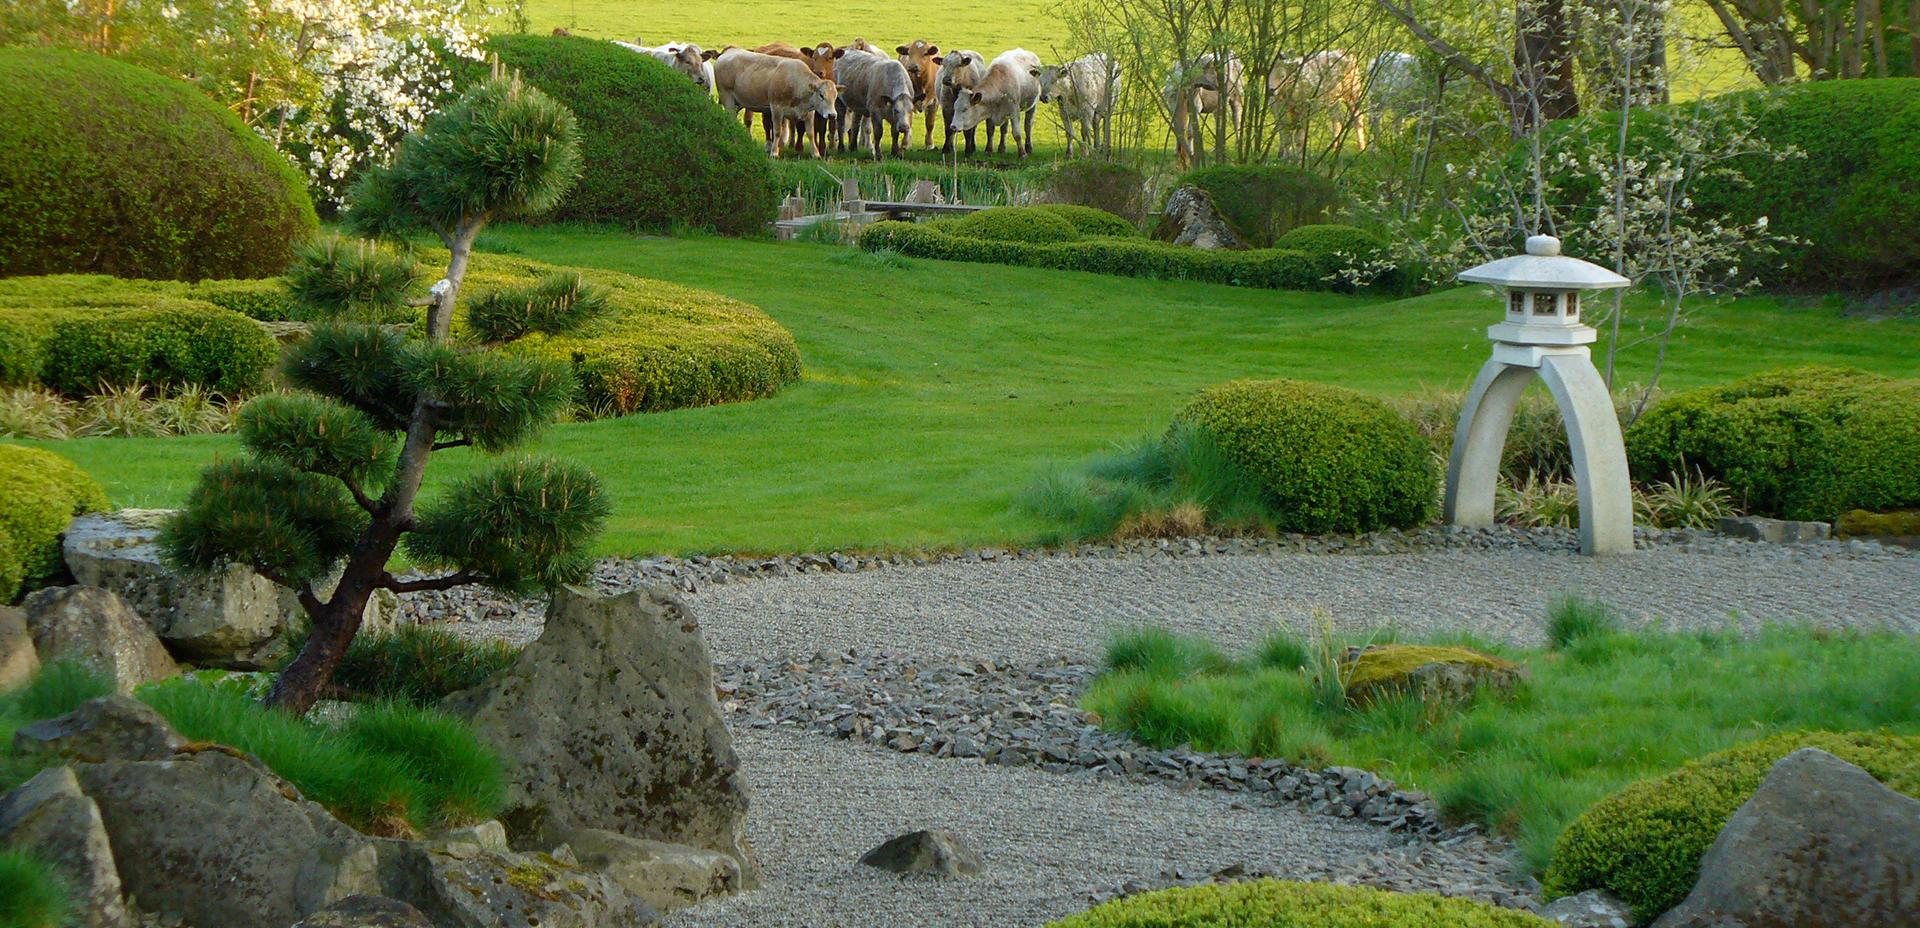 Geliebte ROJI Japanische Gärten | Öffnungszeiten für den japanischen Garten #XL_31